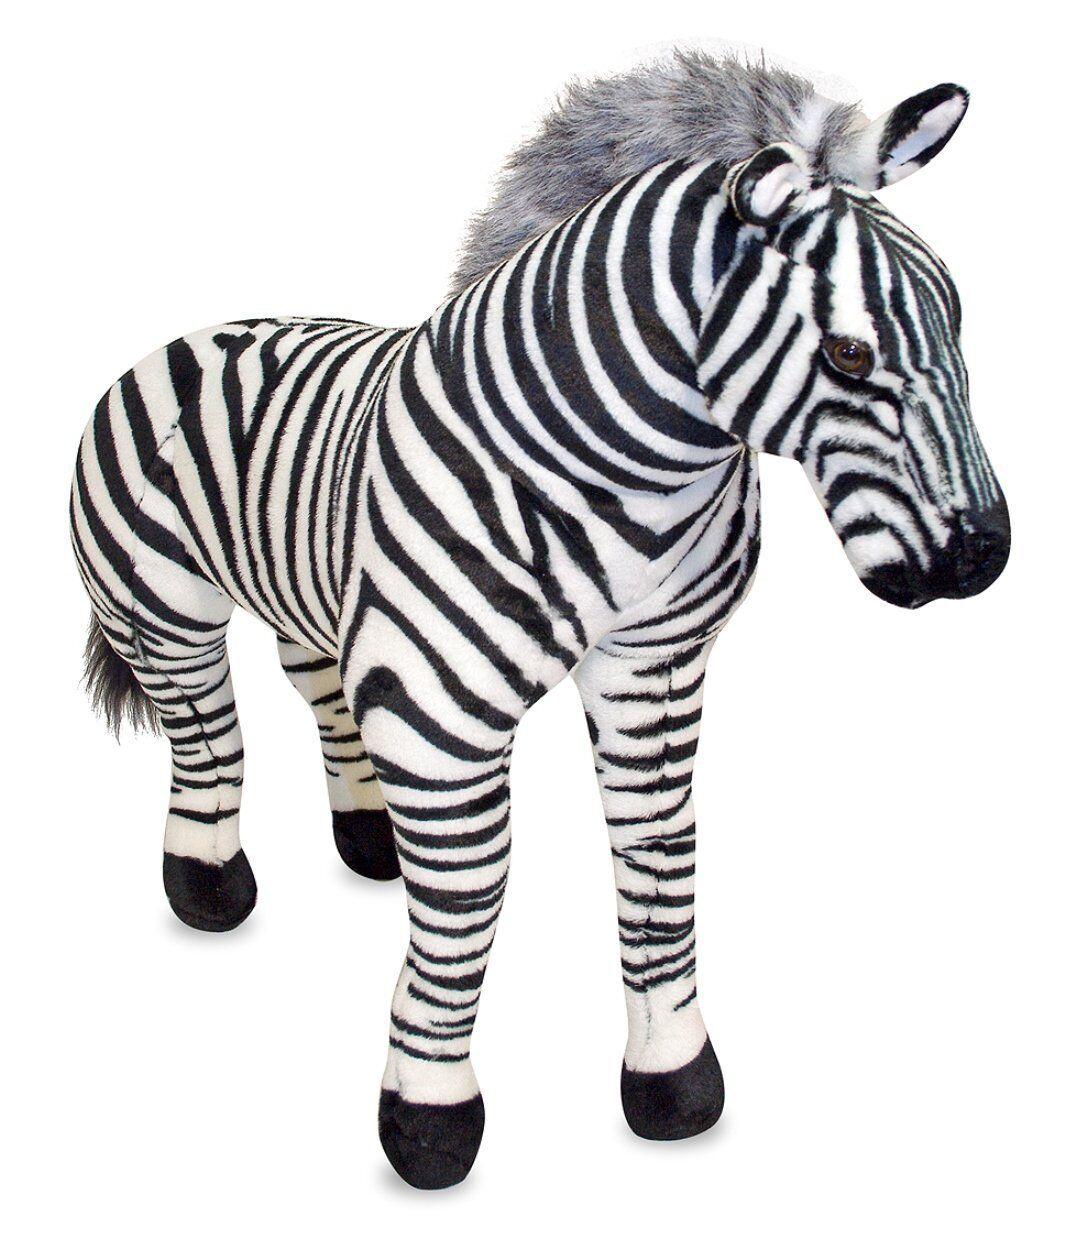 Melissa & Doug Zebra Plush Stuff Animal 3 Fuß Groß großes neues Spielzeug 3x3 Zebra